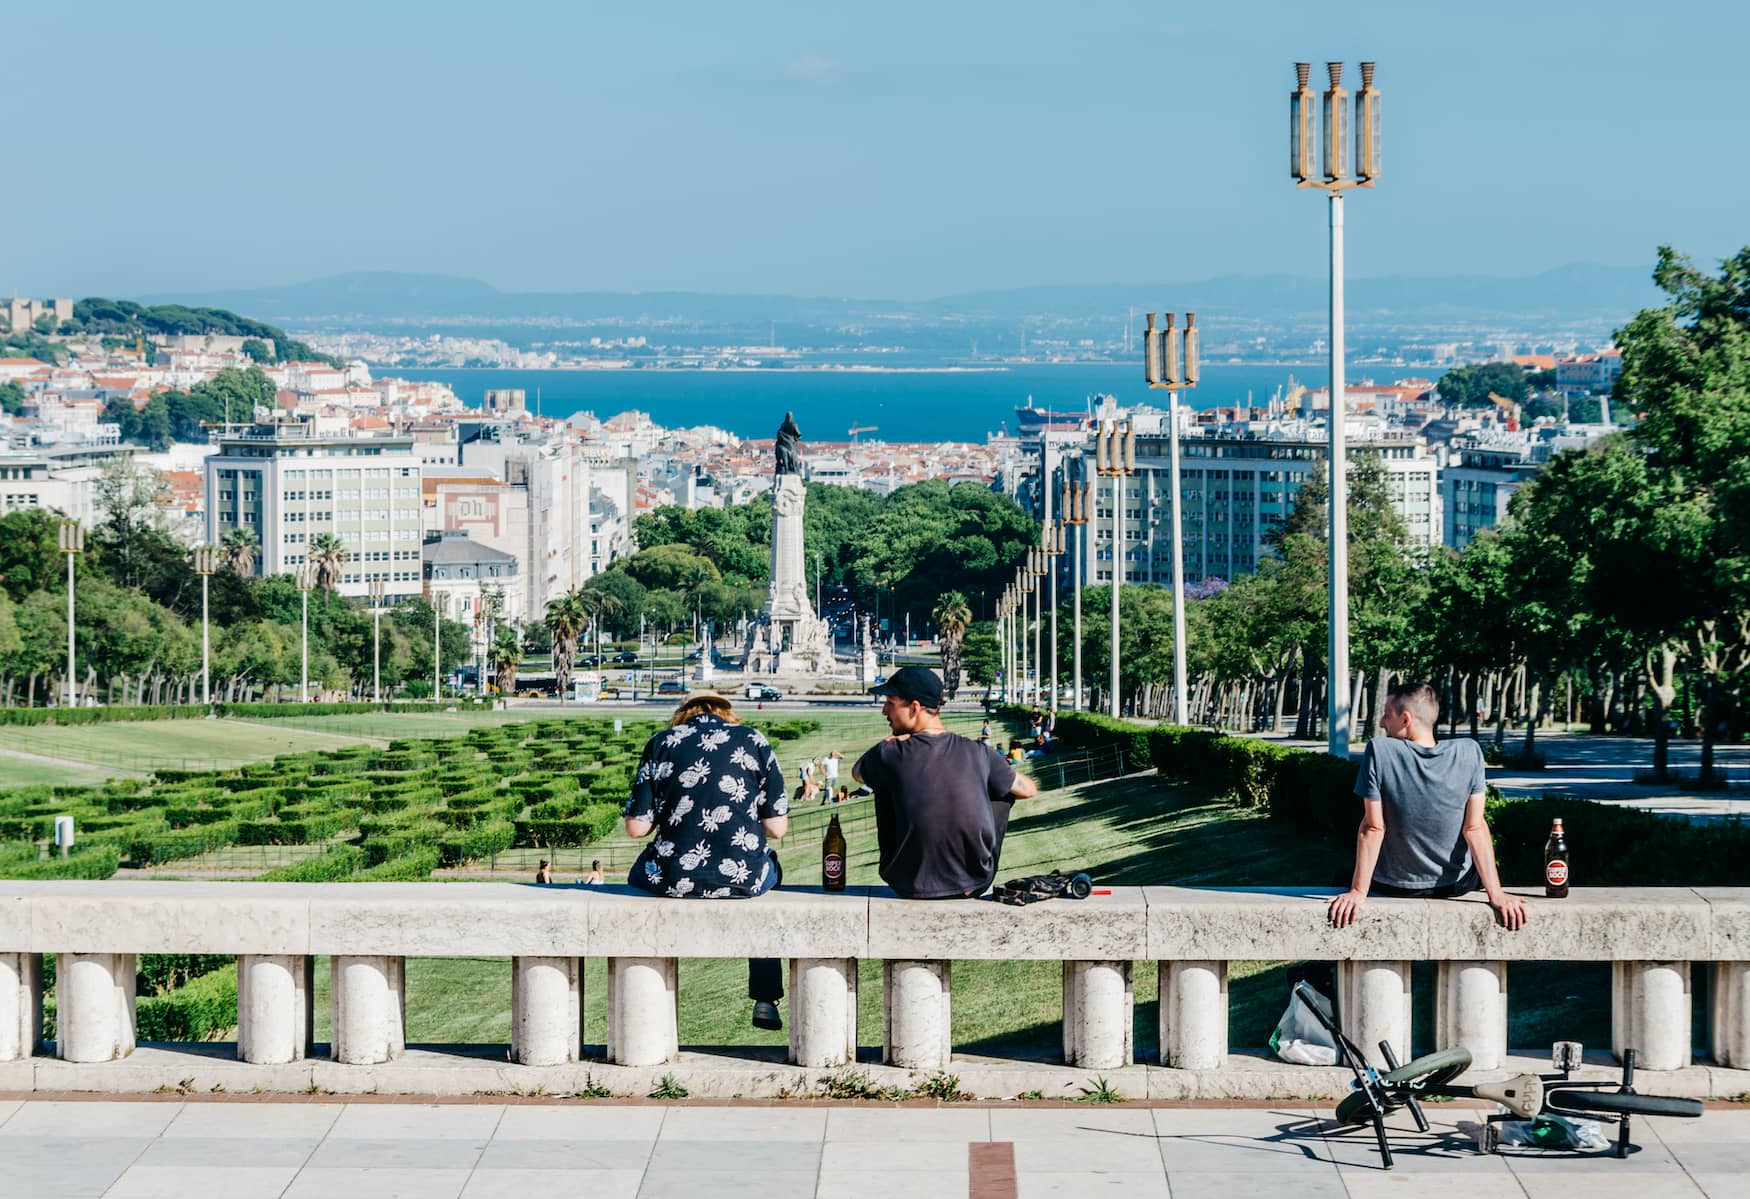 Jugendliche in einem Park in Lissabon